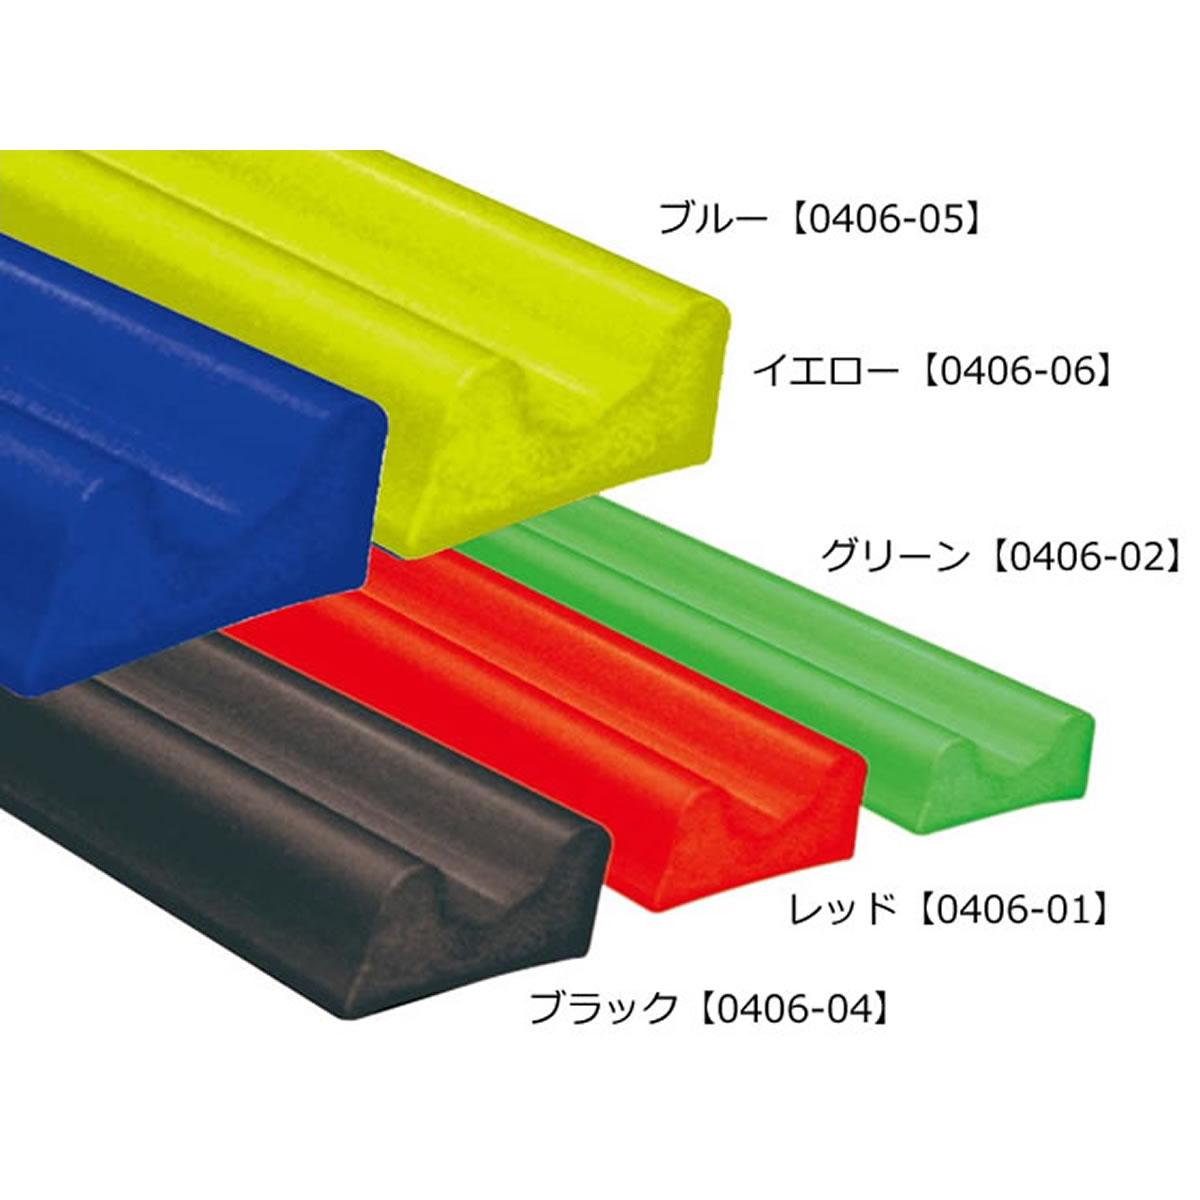 タイトジャパン・MAXトレーラーカラーレール(0406-01~)